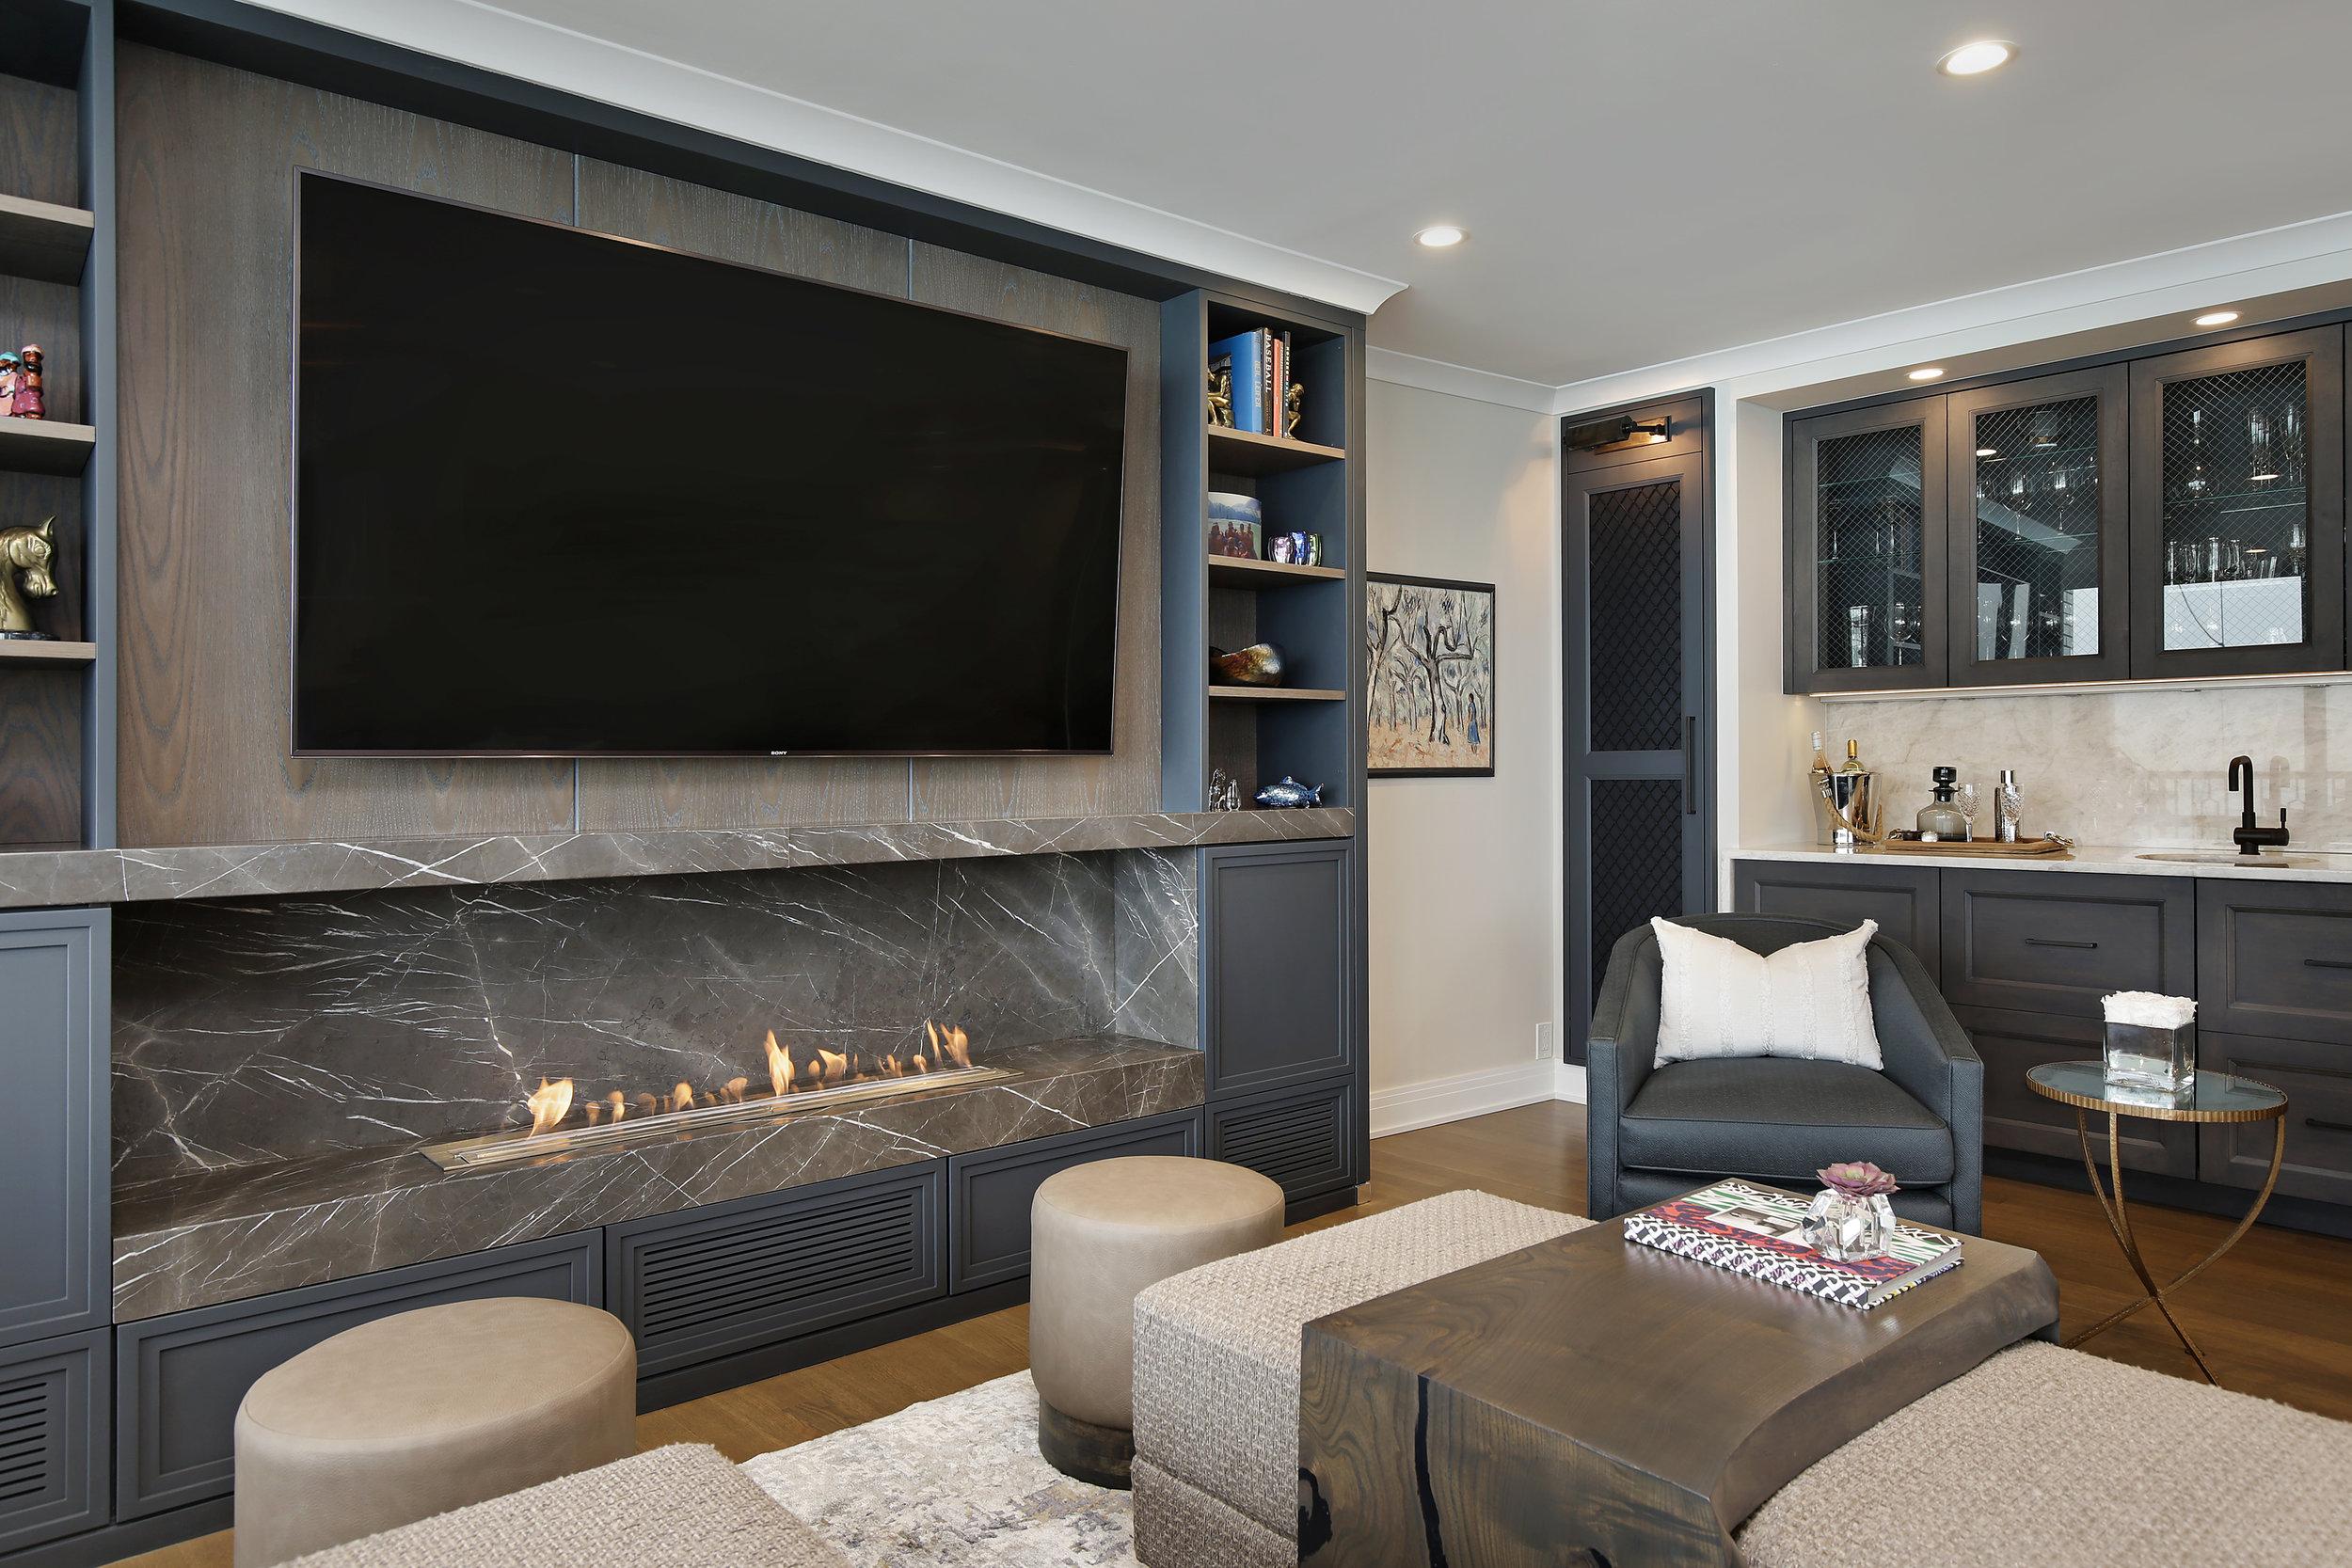 livingroom3_1040lsd23c.jpg